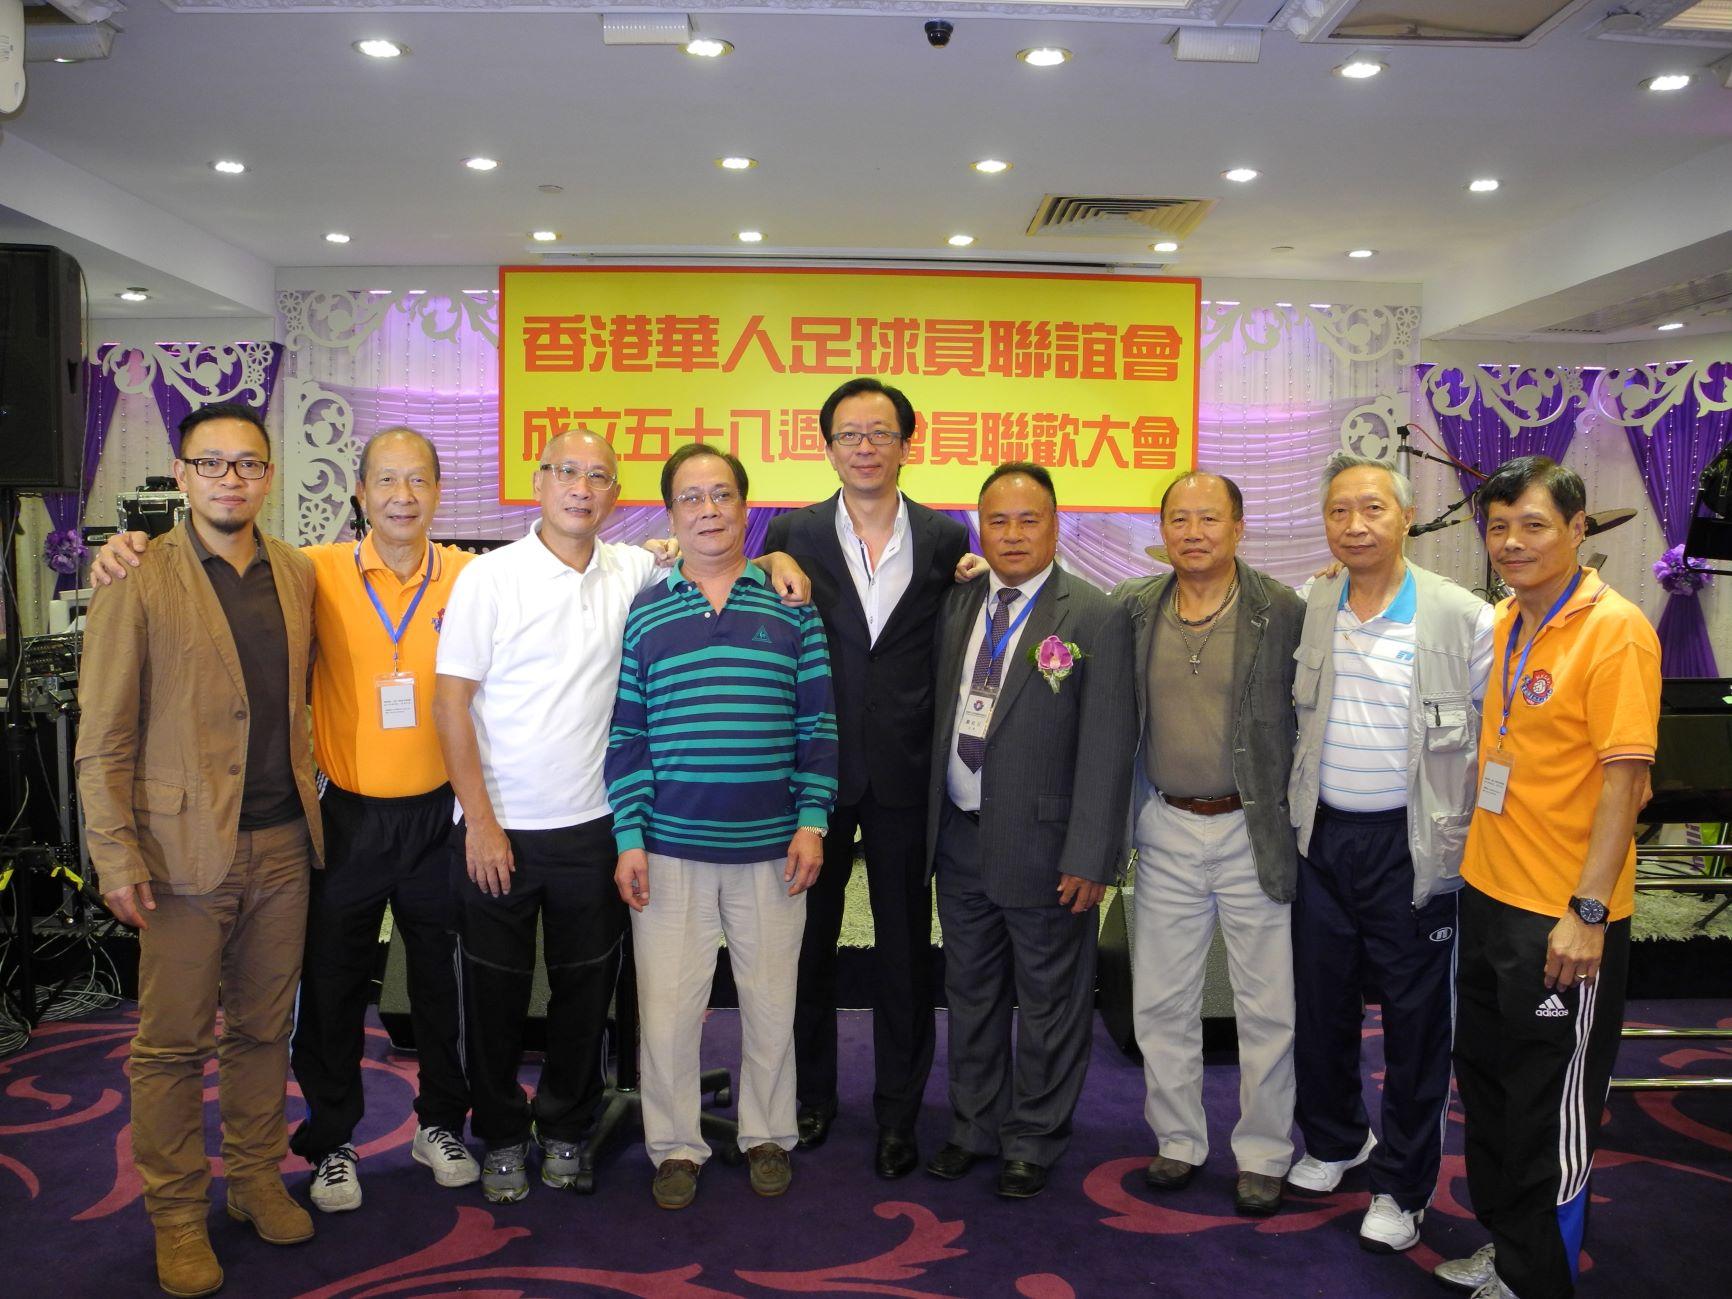 2013年 香港華人足球員聯誼會58屆週年聯歡大會 065